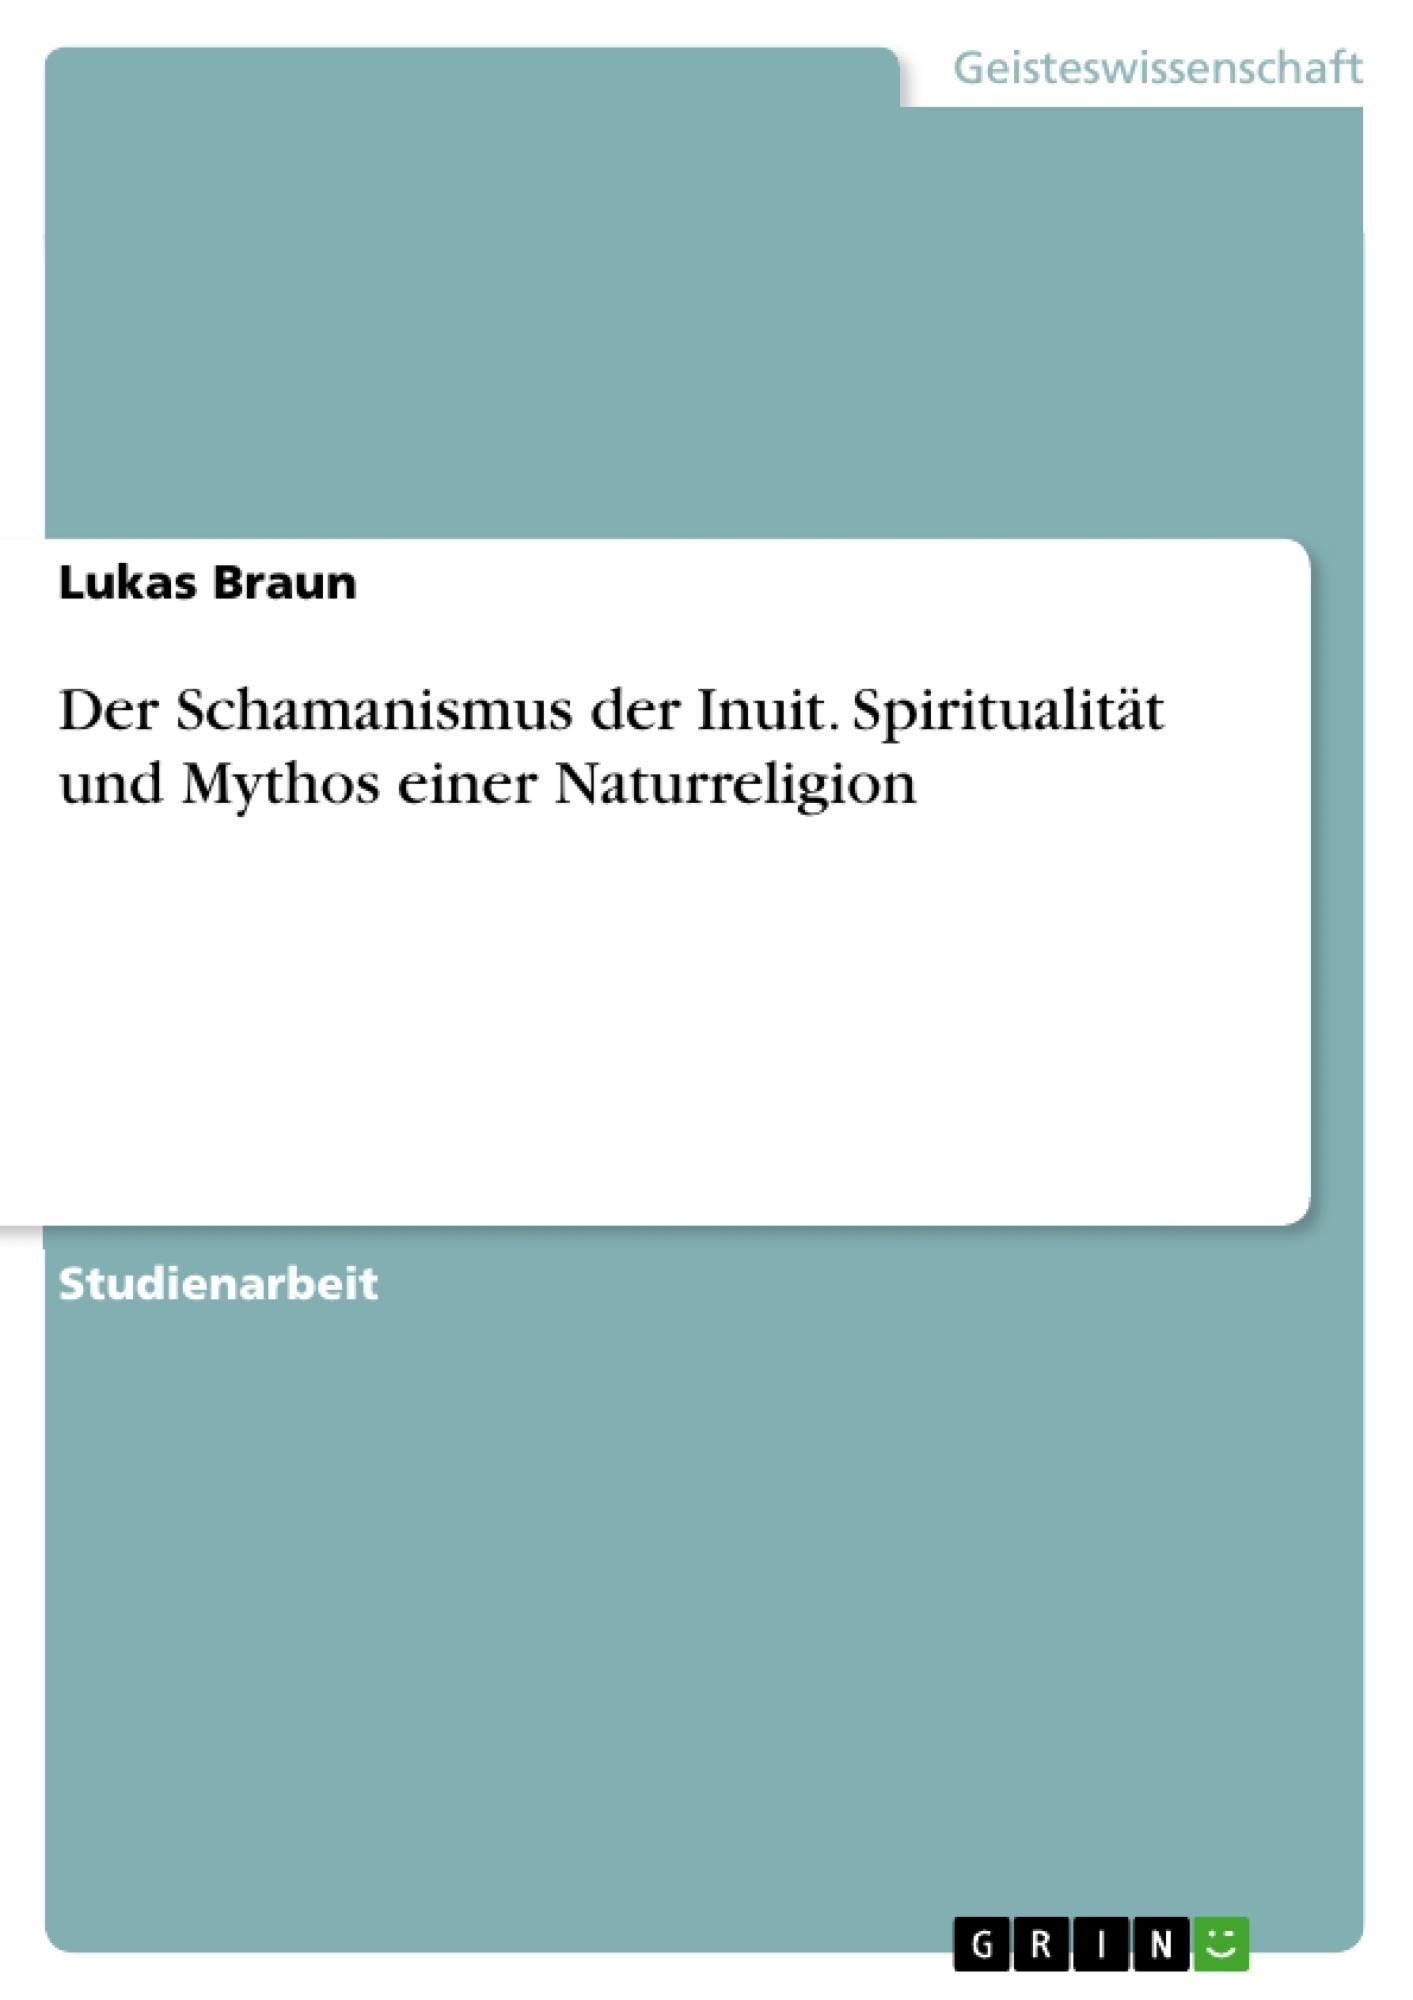 Titel: Der Schamanismus der Inuit. Spiritualität und Mythos einer Naturreligion